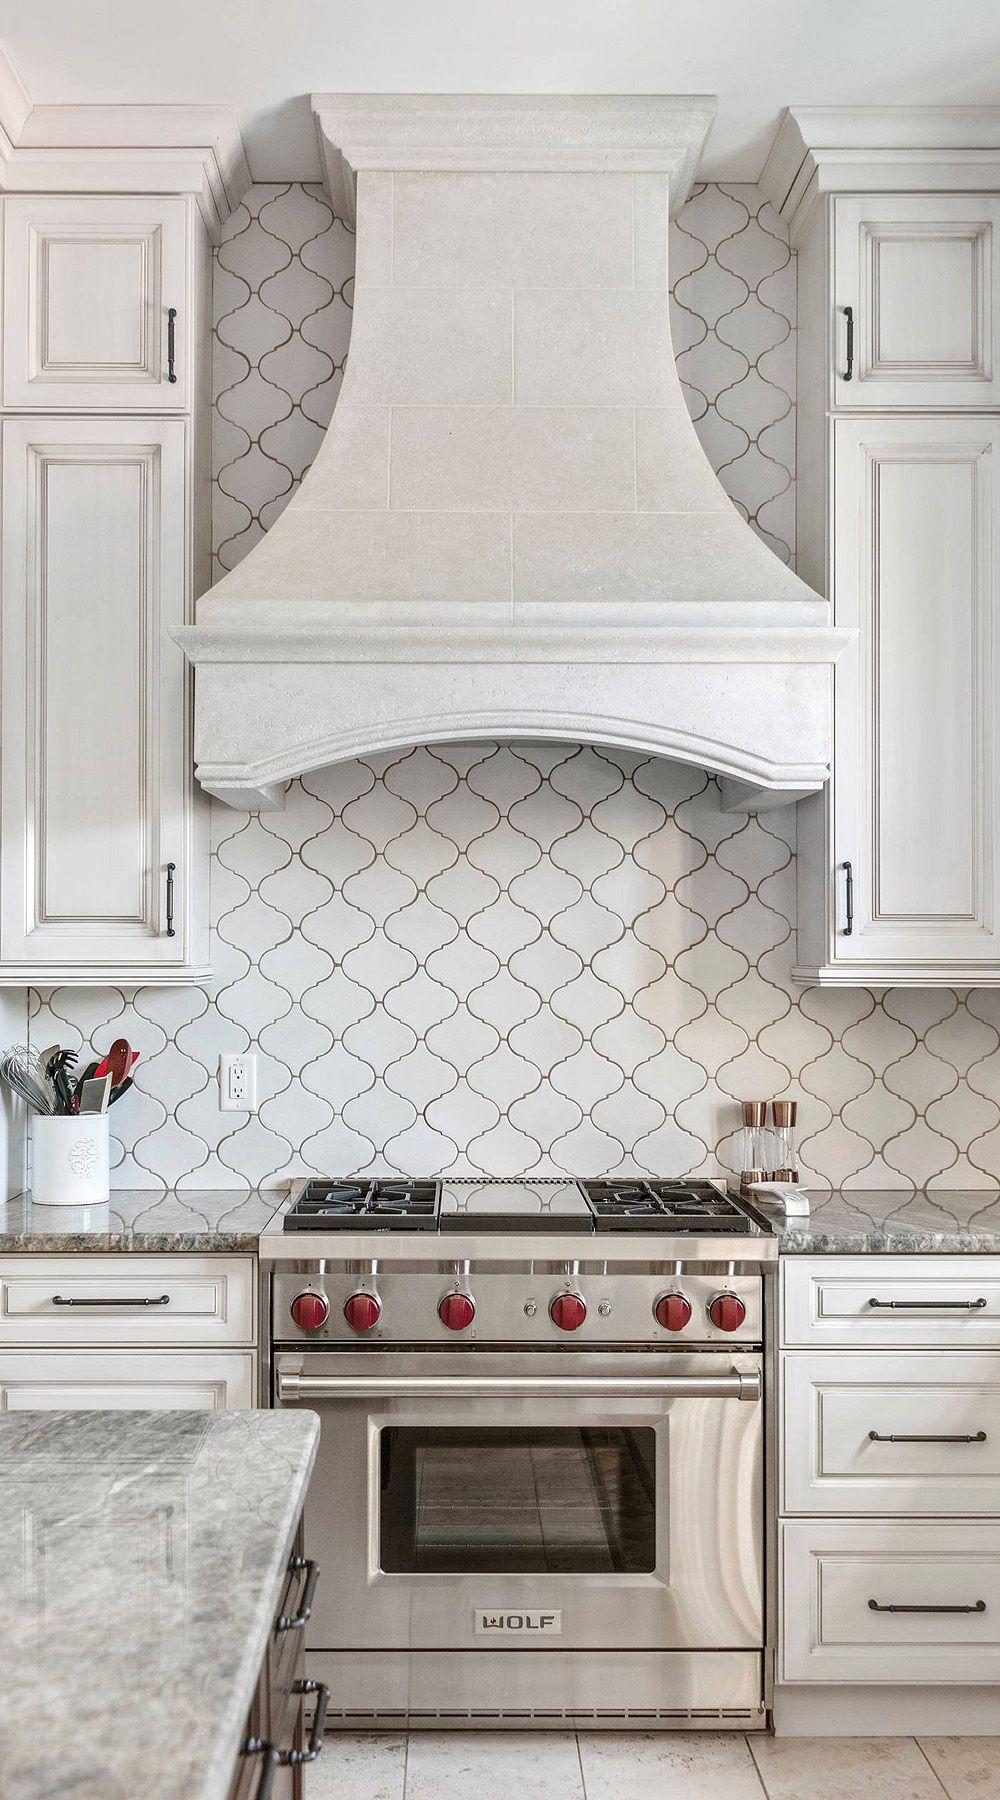 44 Top Arabesque Tile Kitchen Backsplash Design Ideas Kitchen Backsplash Designs Arabesque Tile Backsplash Kitchen Farmhouse Kitchen Backsplash